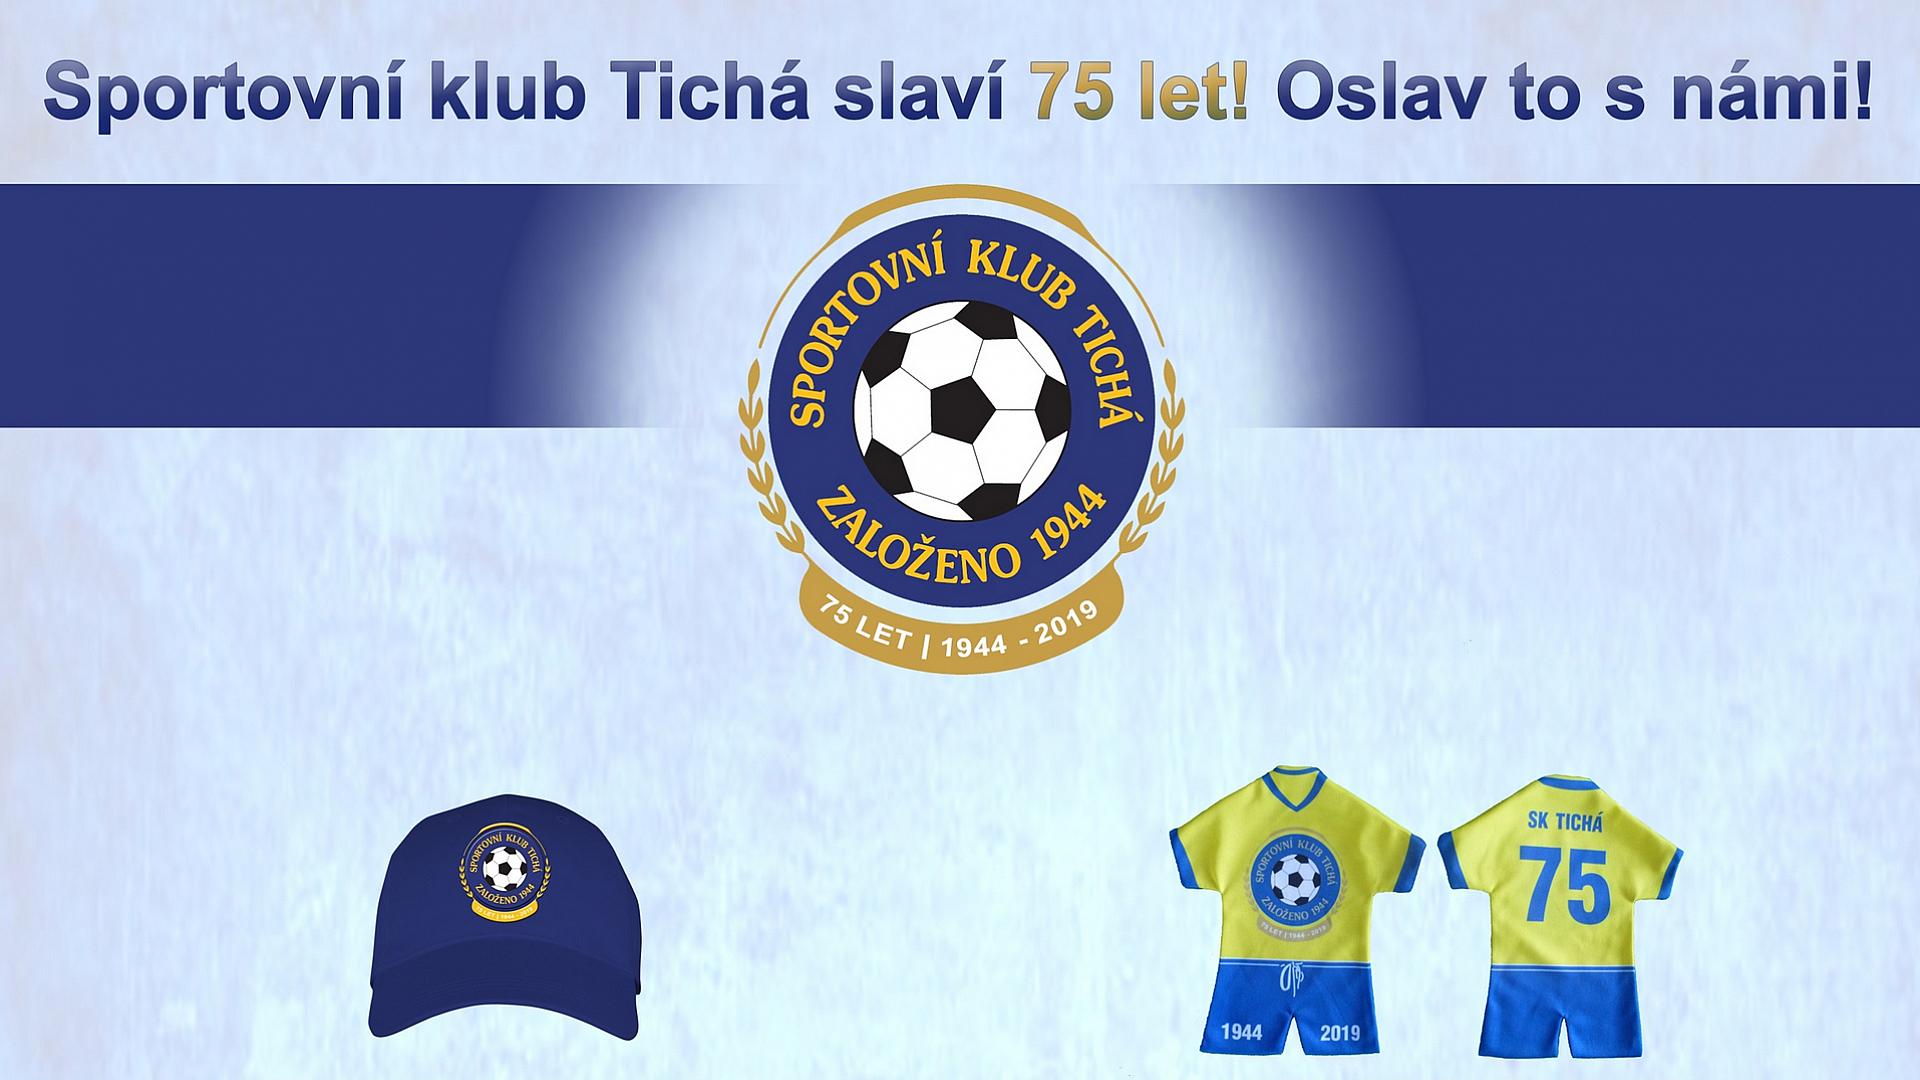 SK Tichá - Sportovní klub Tichá slaví 75 let!